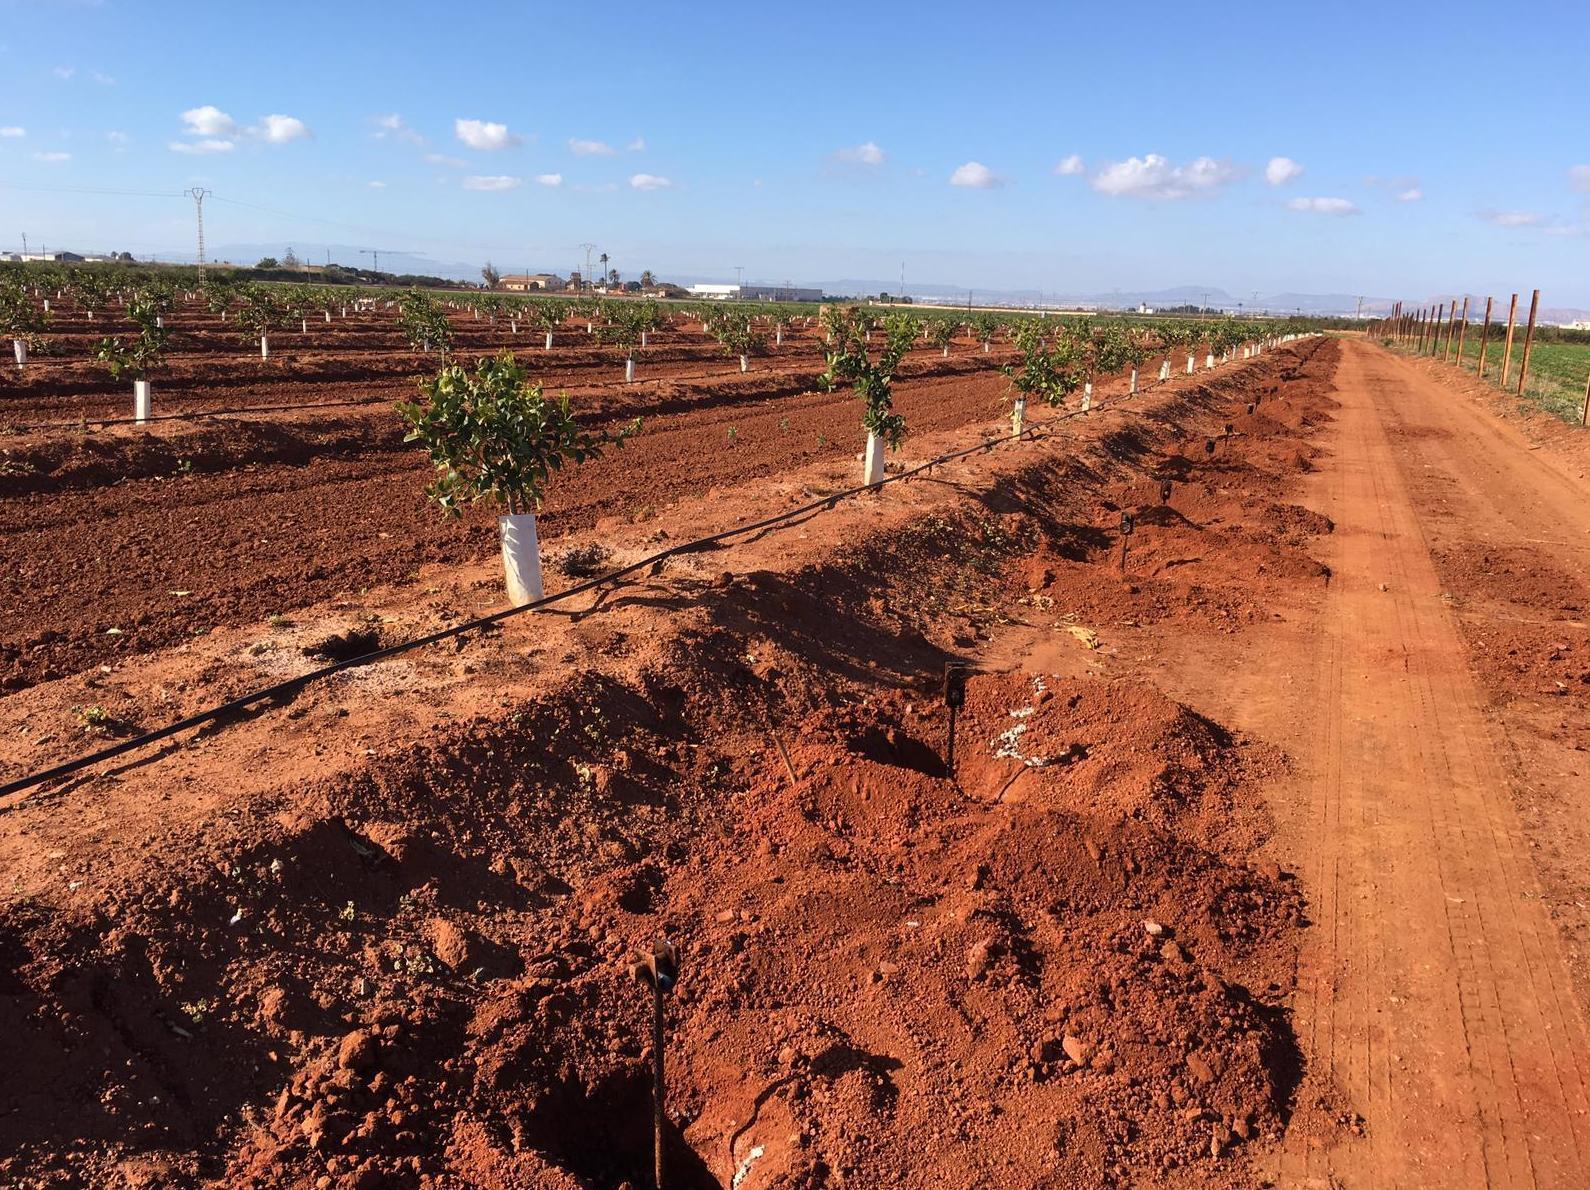 Foto 3 de Infraestructuras y trabajos agrícolas en La Murada – Orihuela | Mantenimiento y Estructuras Agrícolas Mateo e Hijo, S.L.